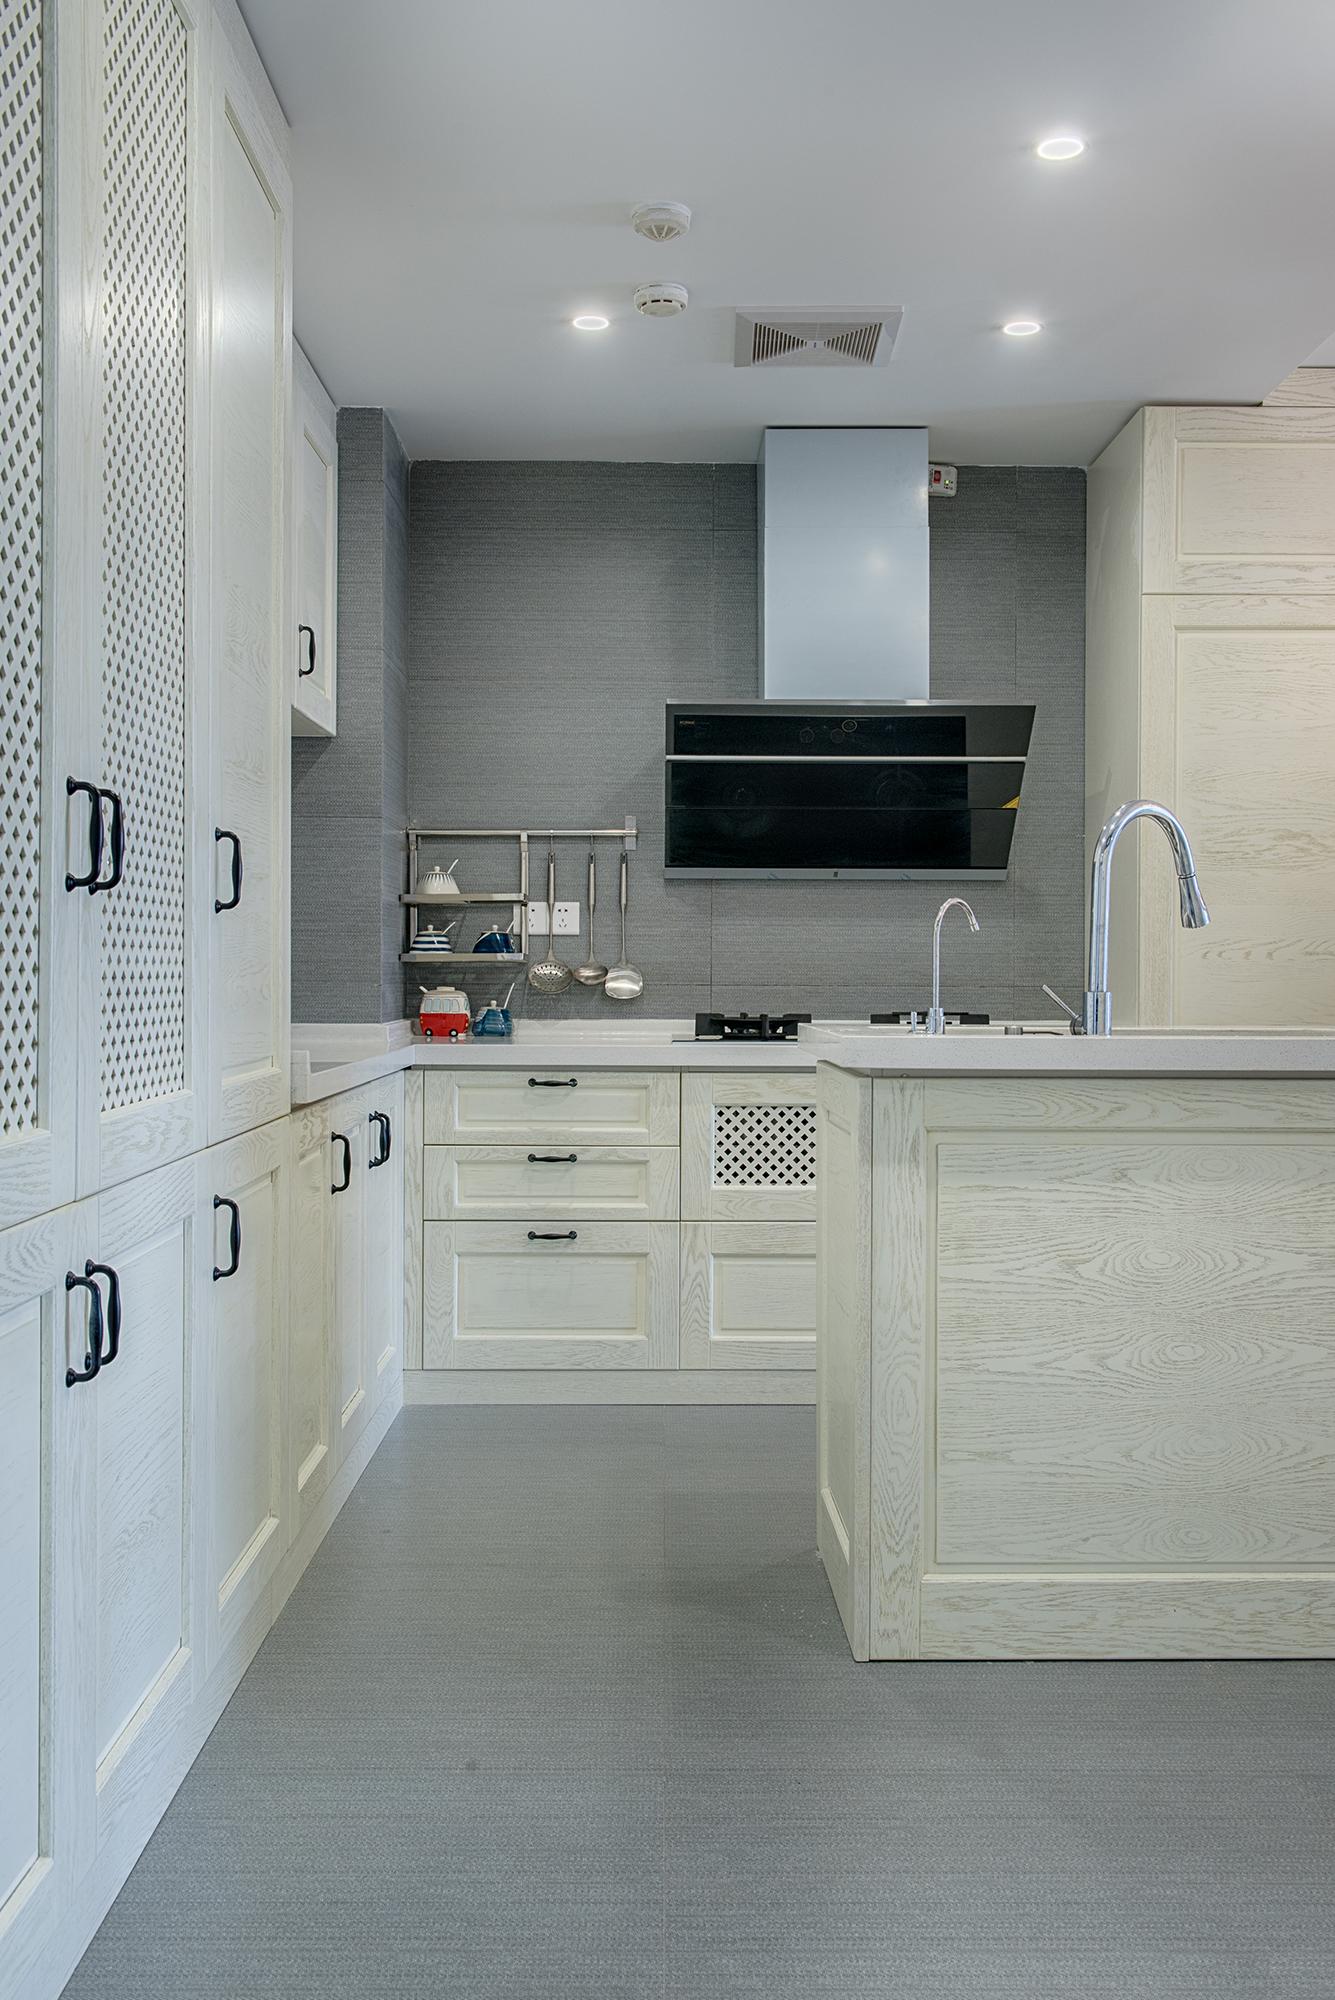 60㎡美式装修厨房效果图